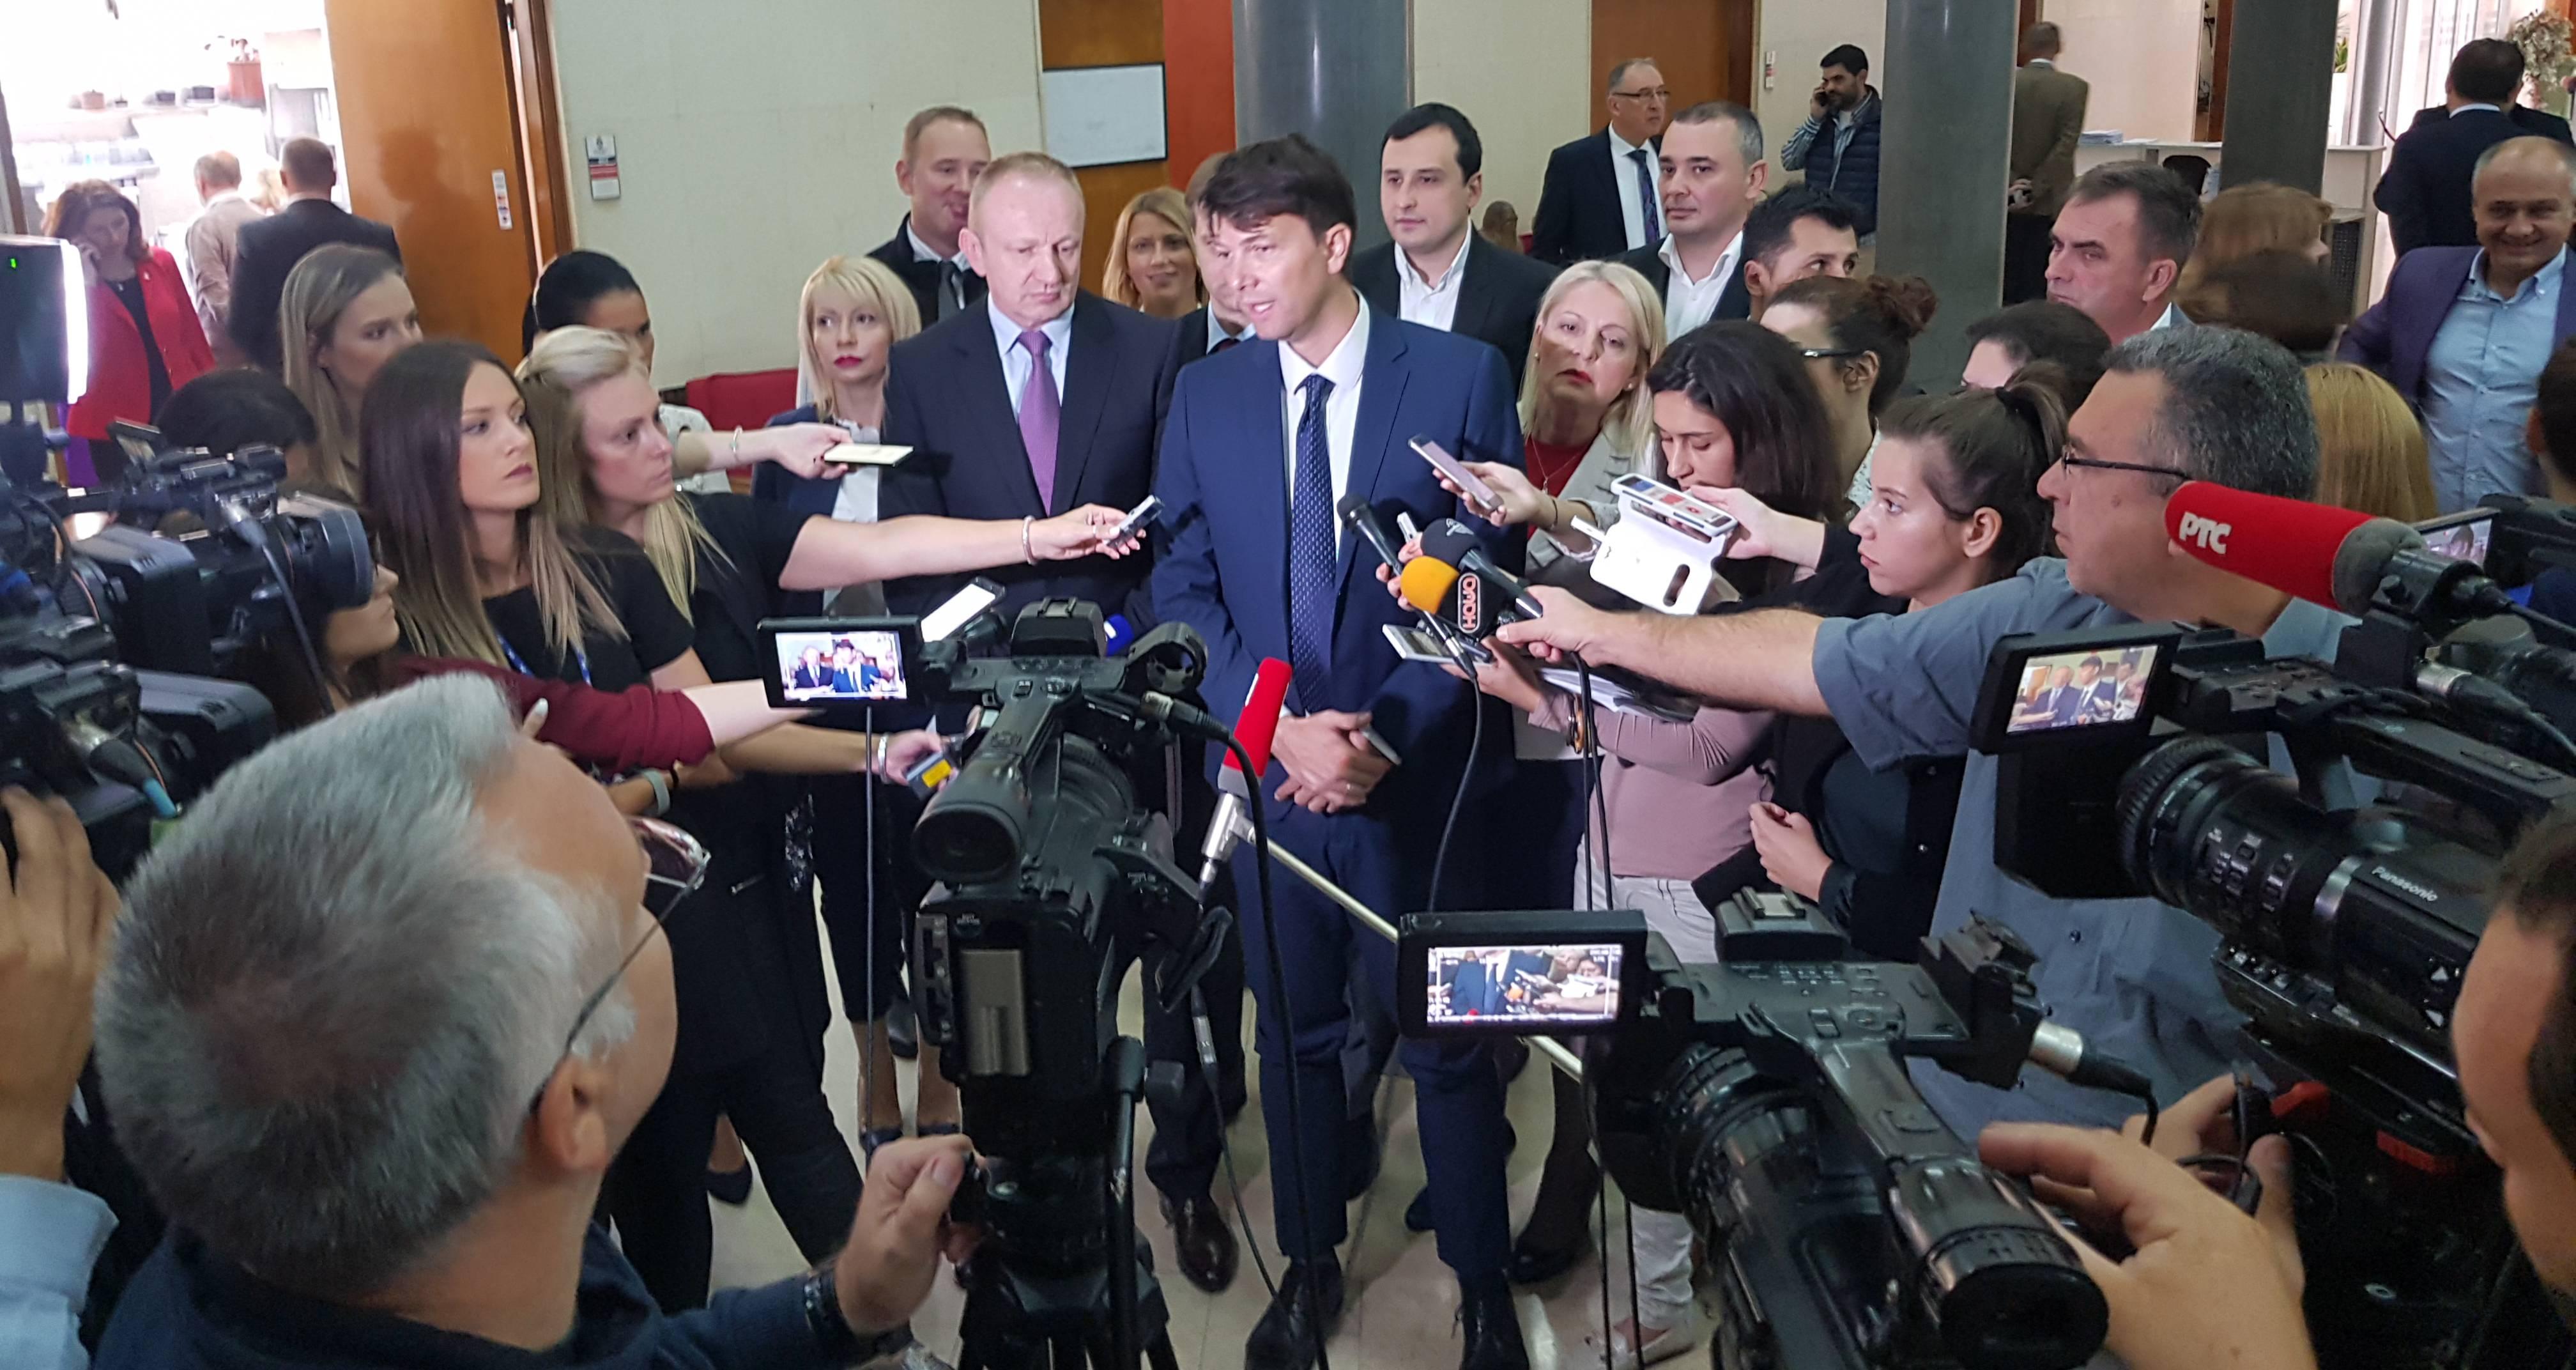 Јовановић: протести мирни и ускоро још масовнији, власт посеже за манипулацијом